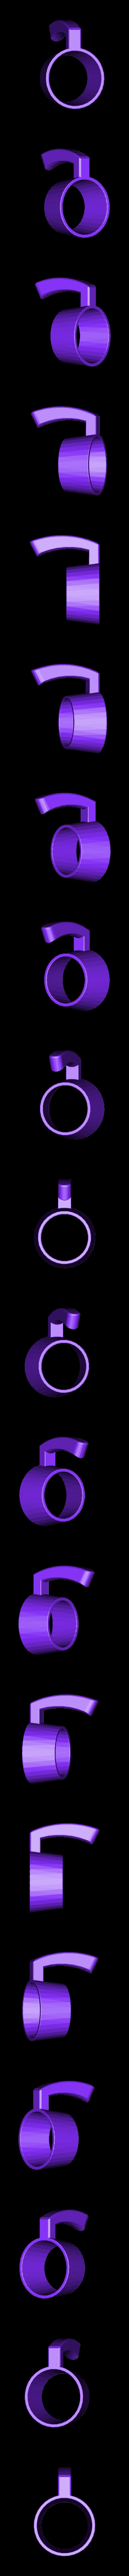 12oz-400ml.stl Télécharger fichier STL gratuit Manche de tasse • Design pour imprimante 3D, GomaRebasa